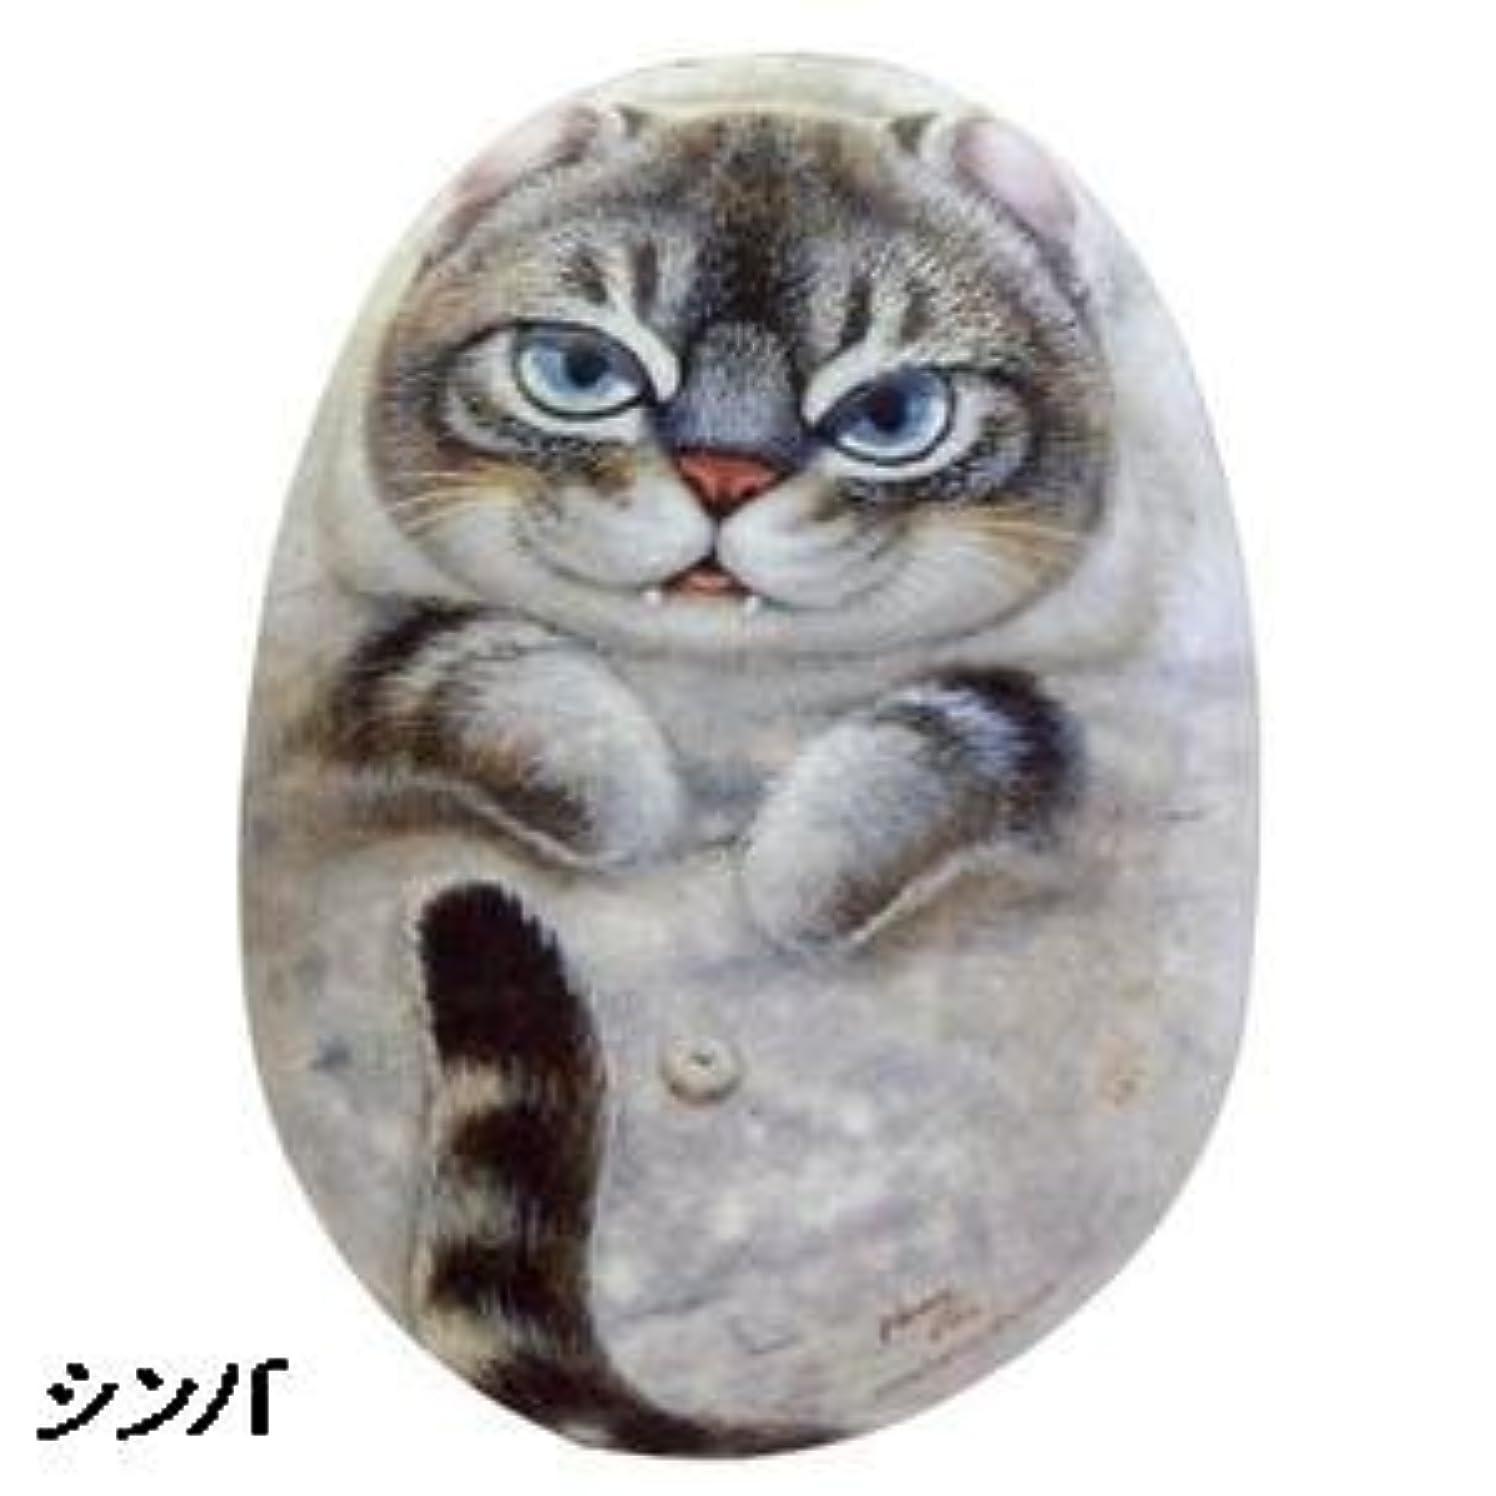 ボランティア召喚する補助金シェイプドマウスパッド ねこ/猫/ネコ/ねこ/パソコン/事務用品